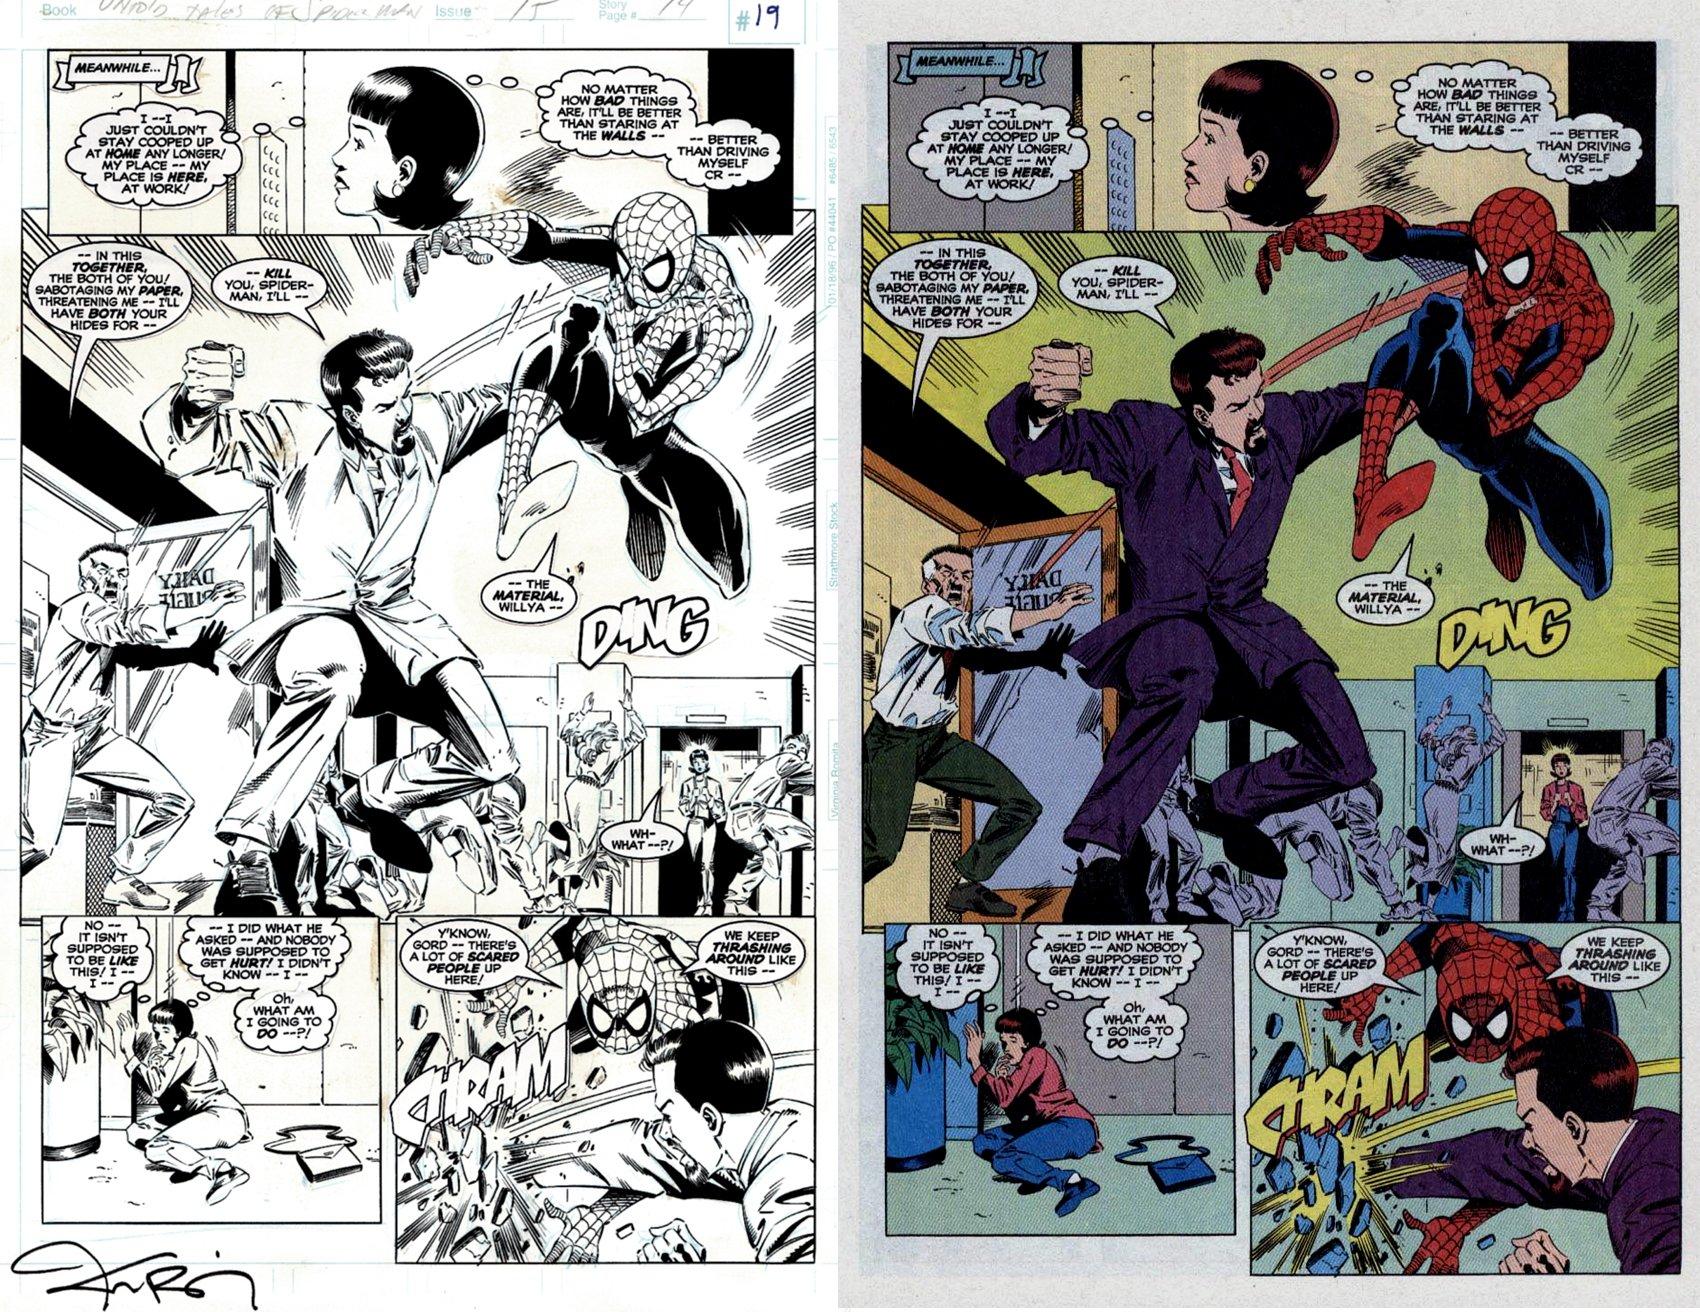 Untold Tales of Spider-Man #15 p 19 Semi-Splash (Spider-Man Battles Gordon Savinski) 1996